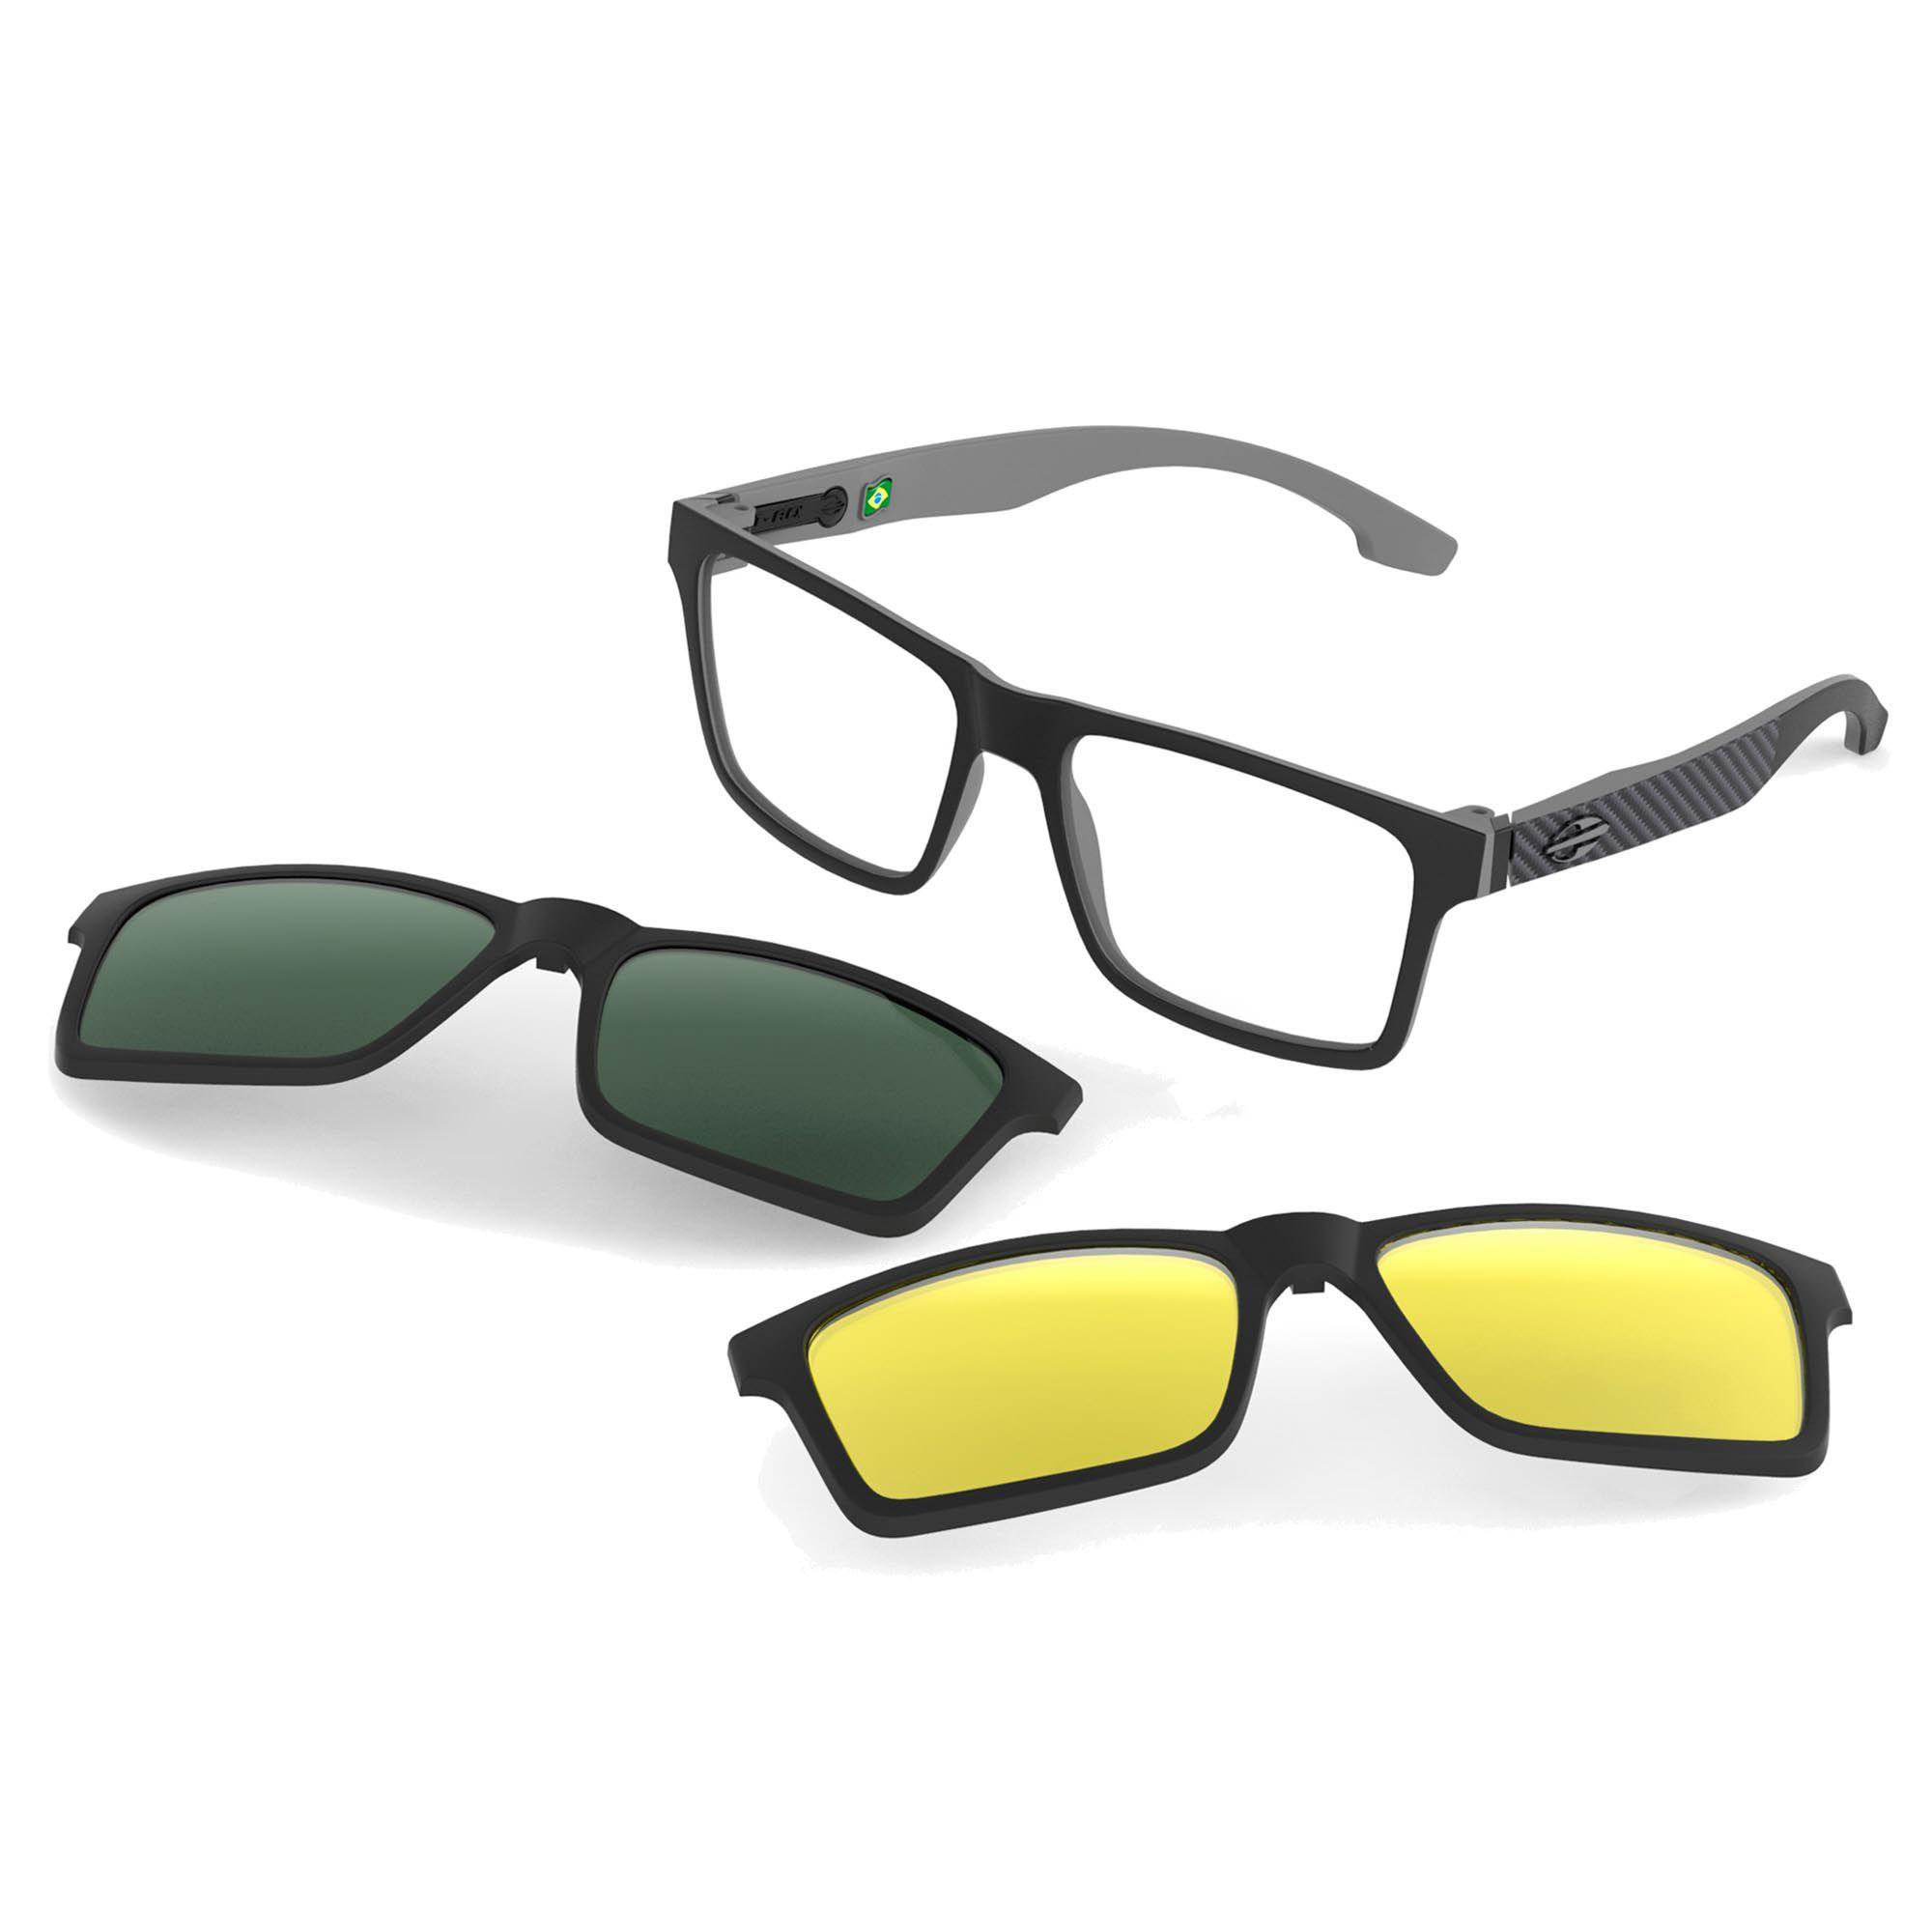 Óculos de Grau Unissex Mormaii Swap M6057AGA56 Clip On Solar Polarizado